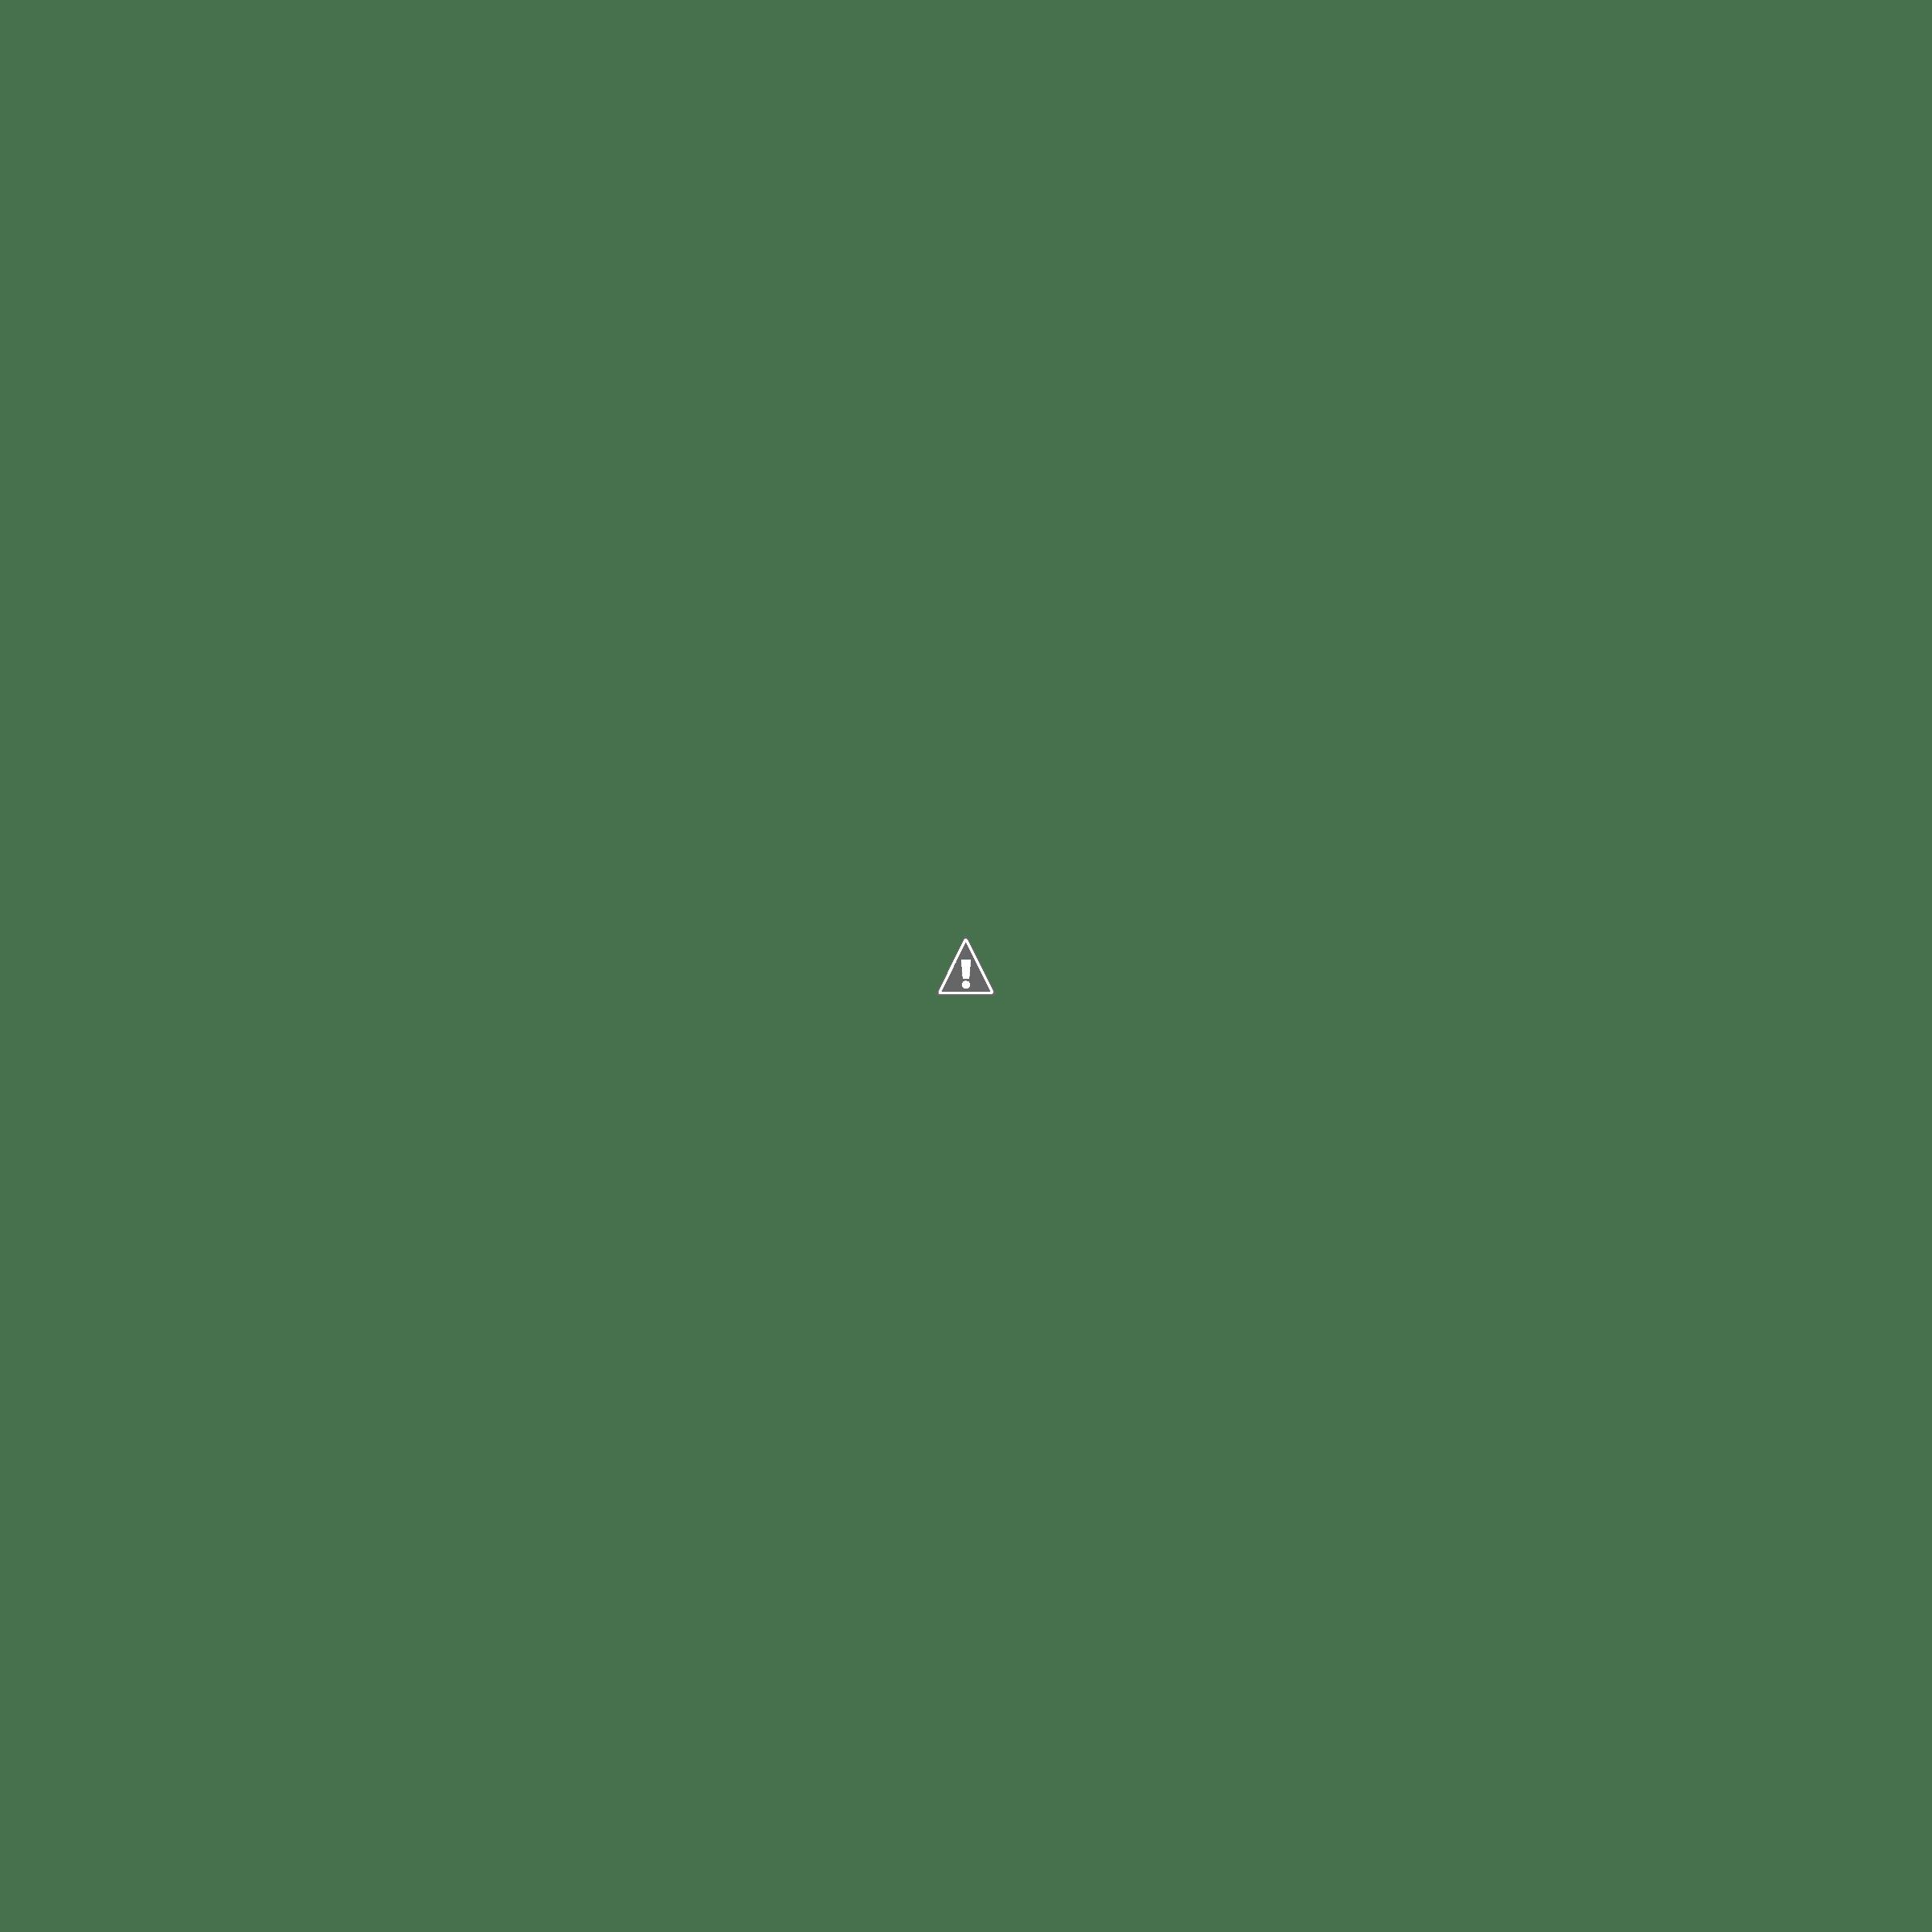 Brizlane Residences, Sanville, Tandang Sora, Quezon City Unit 6 Spot downpayment computation